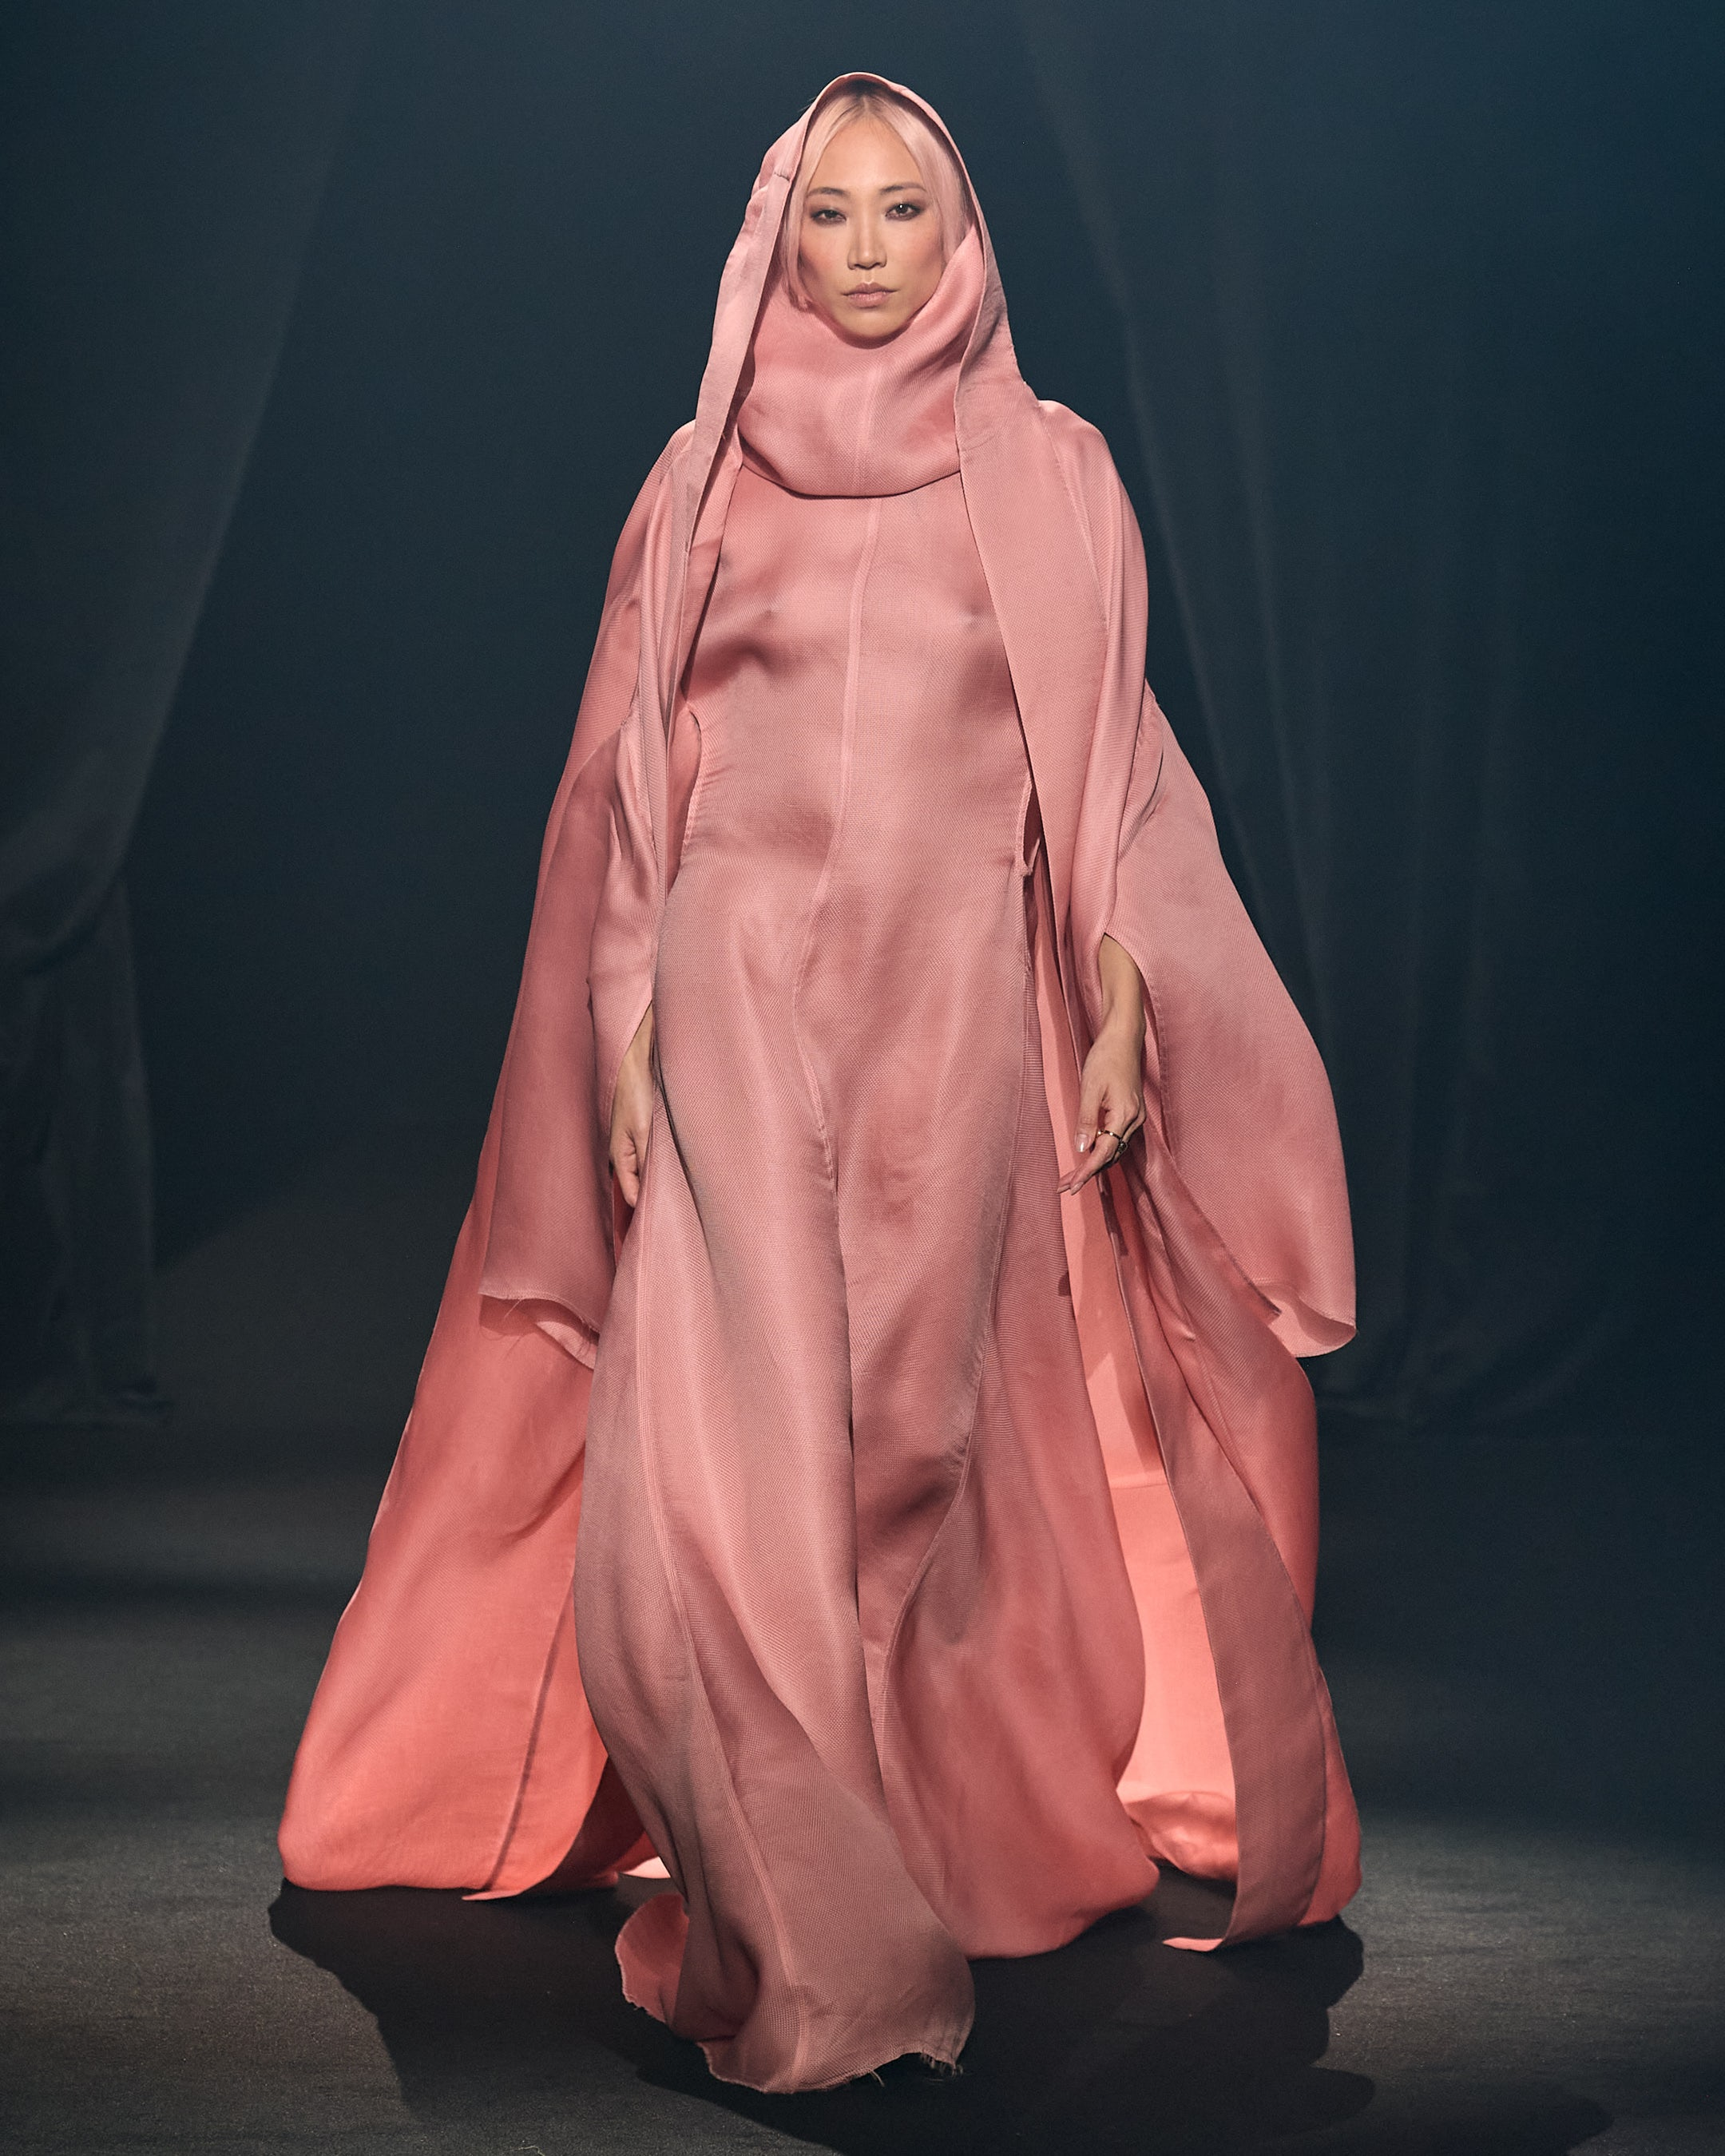 作为巴黎时装周的一部分,阿尔伯·埃尔巴兹致敬秀期间,一名模特穿着里克·欧文斯的造型走在T台上。礼貌亚博账号忘记了怎么办